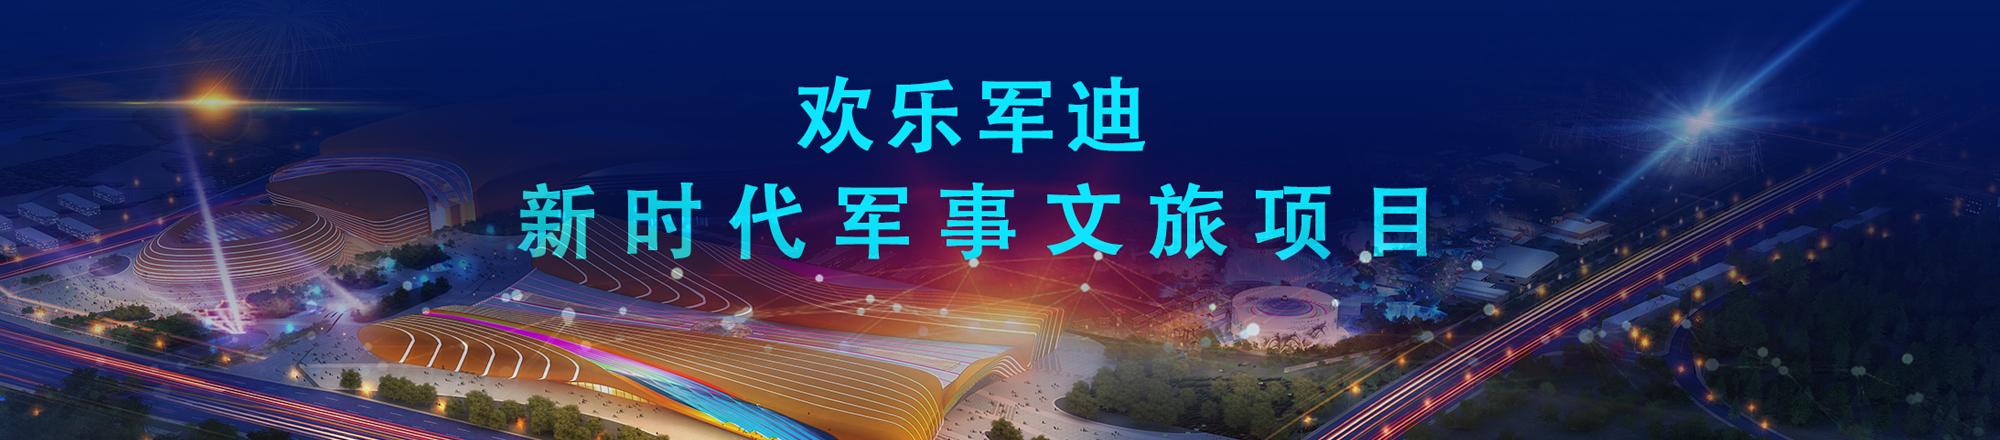 """""""欢乐军迪""""国防教育特色小镇"""